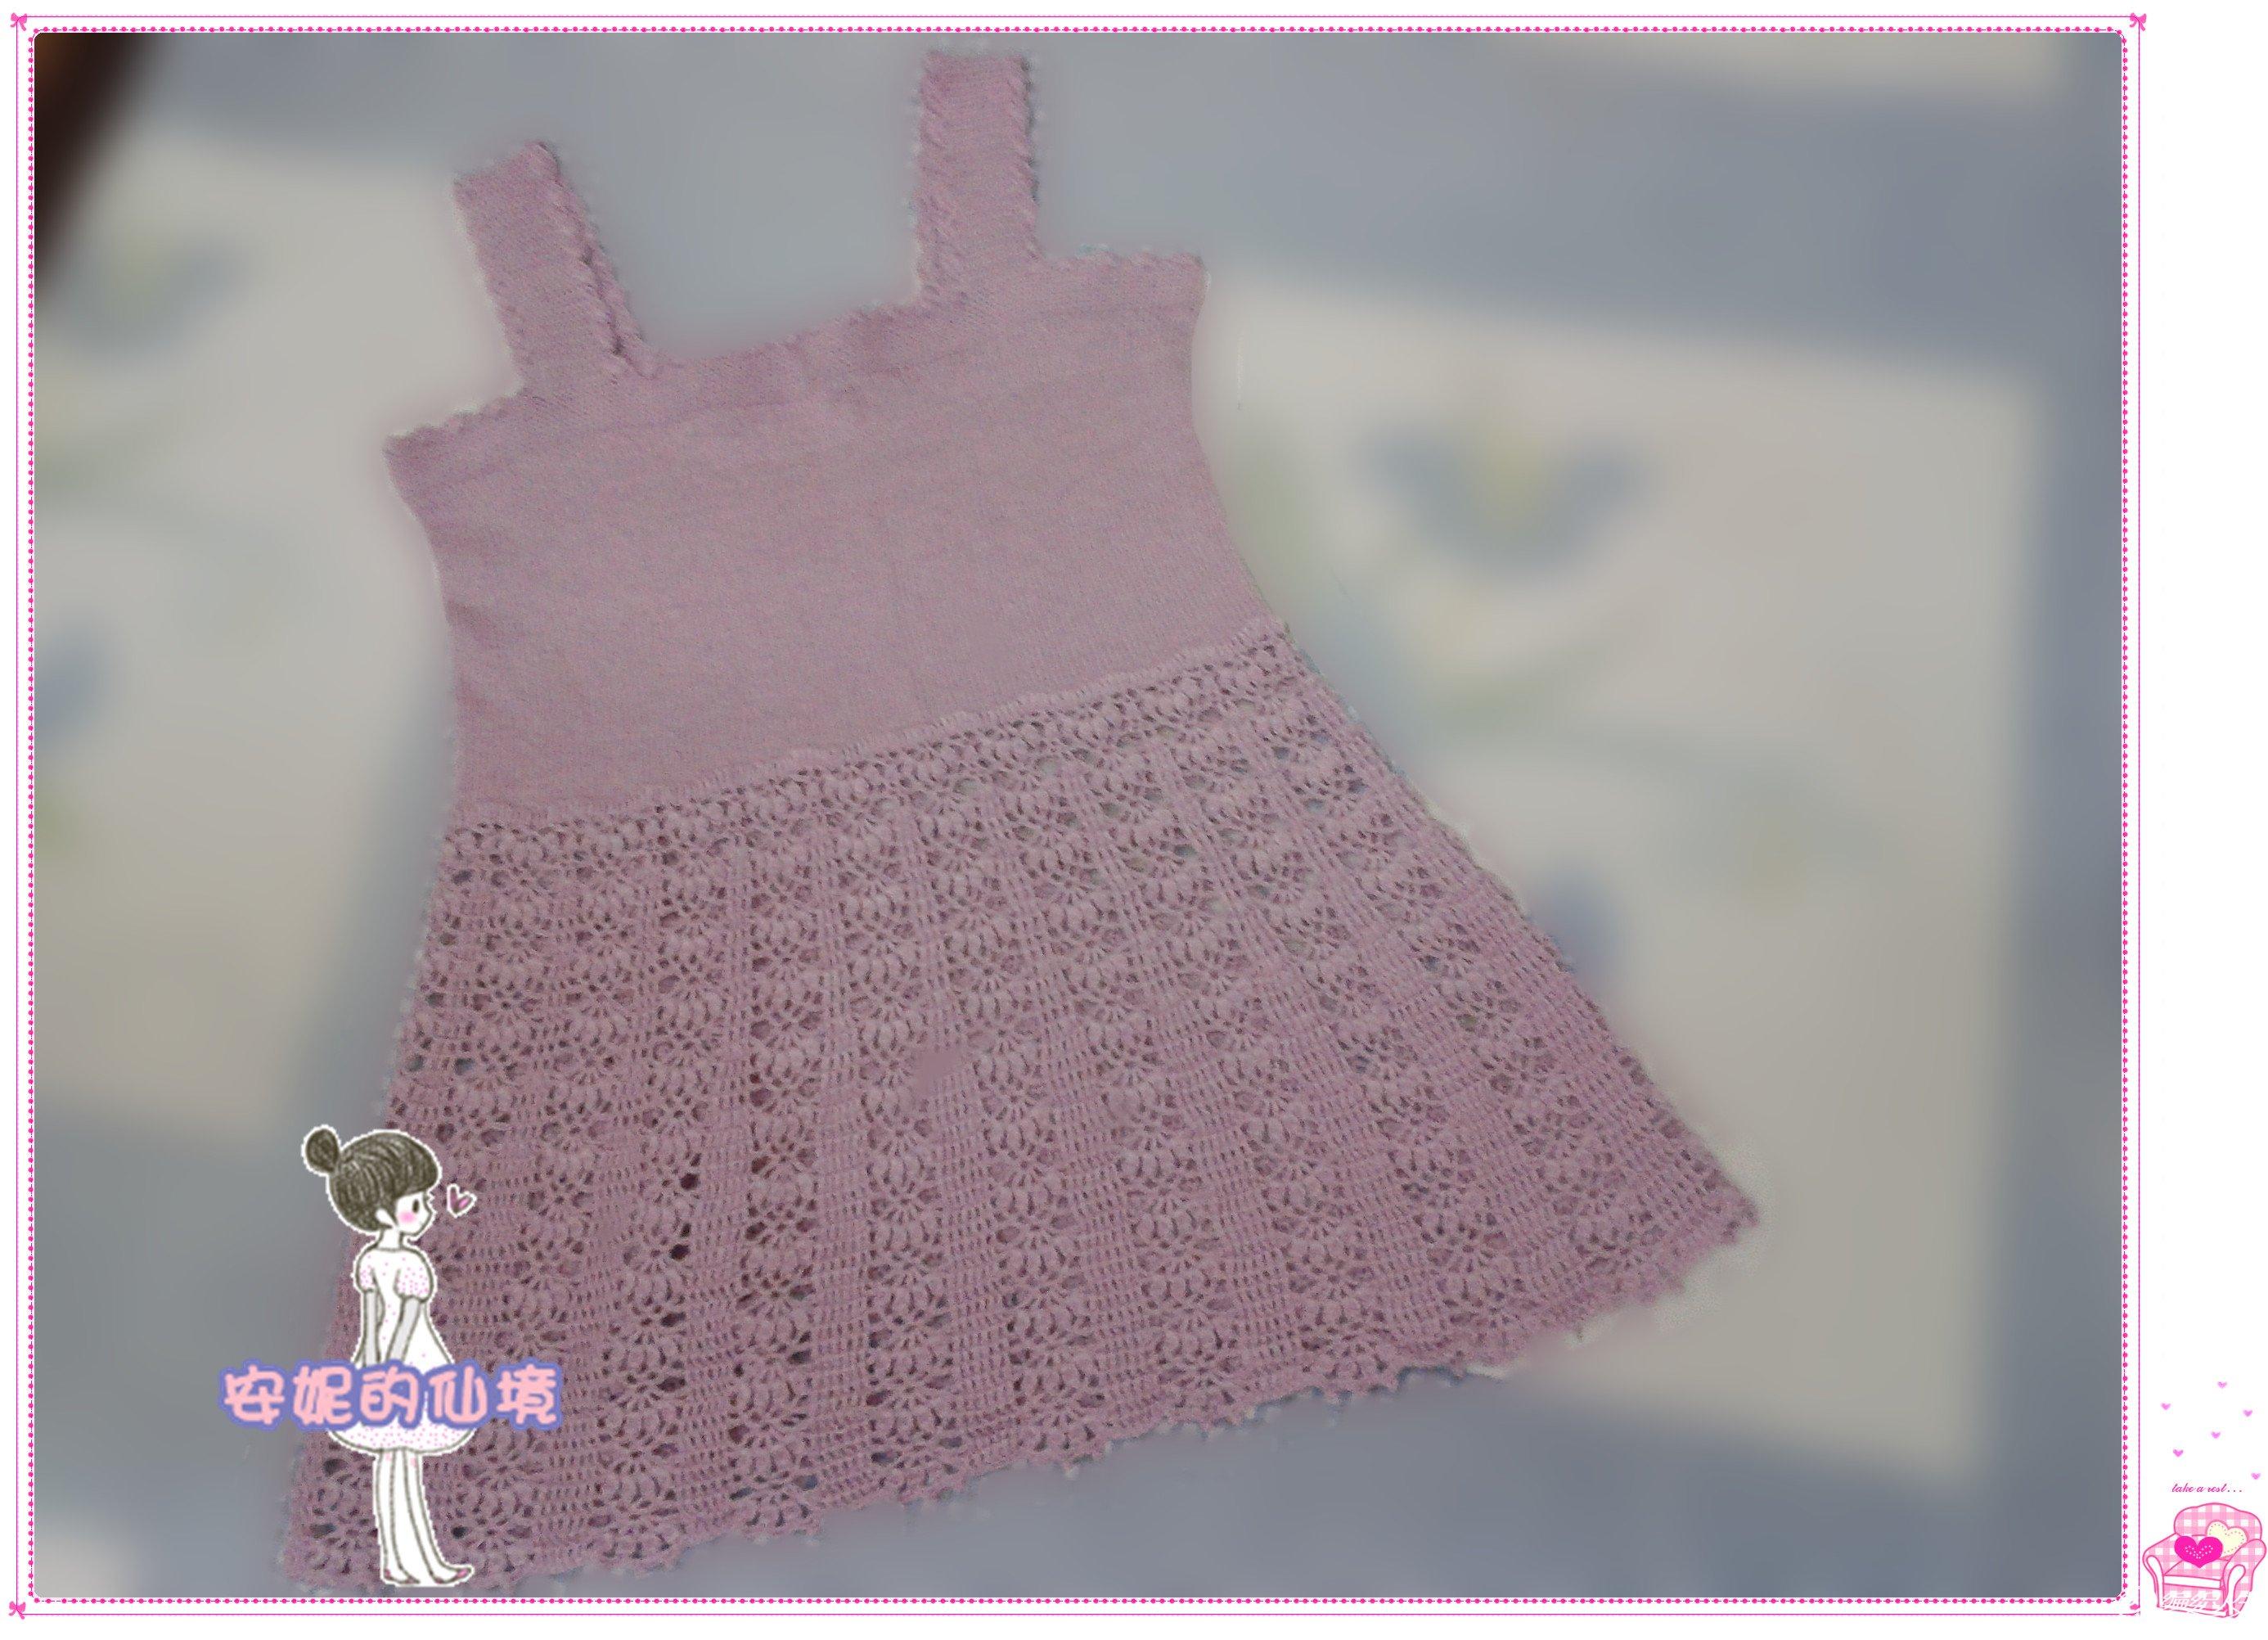 粉紫珠帘-平铺GOLO.jpg